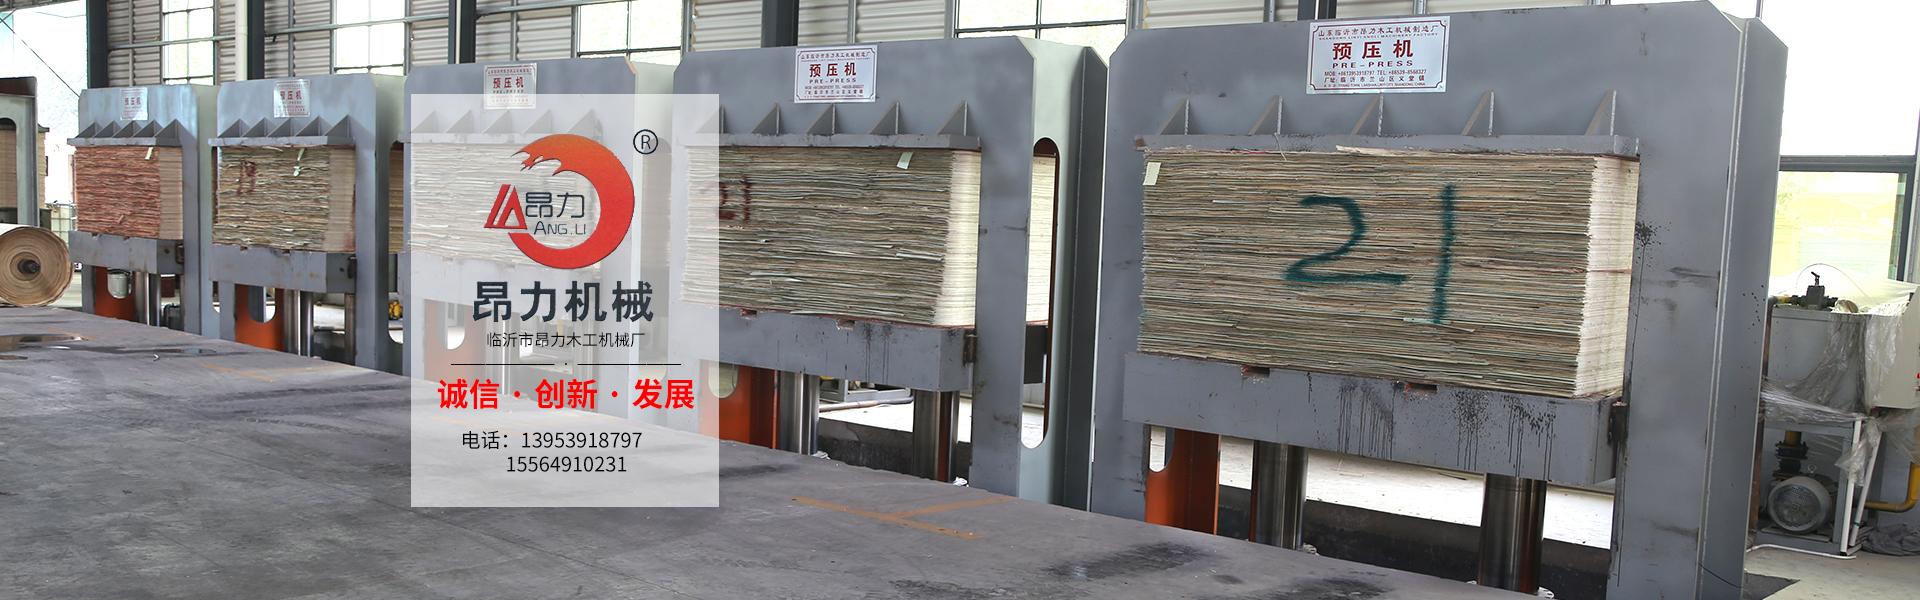 多层板铺板机_拼板机厂家_山东热压机_锯边机-临沂市昂力木工机械厂